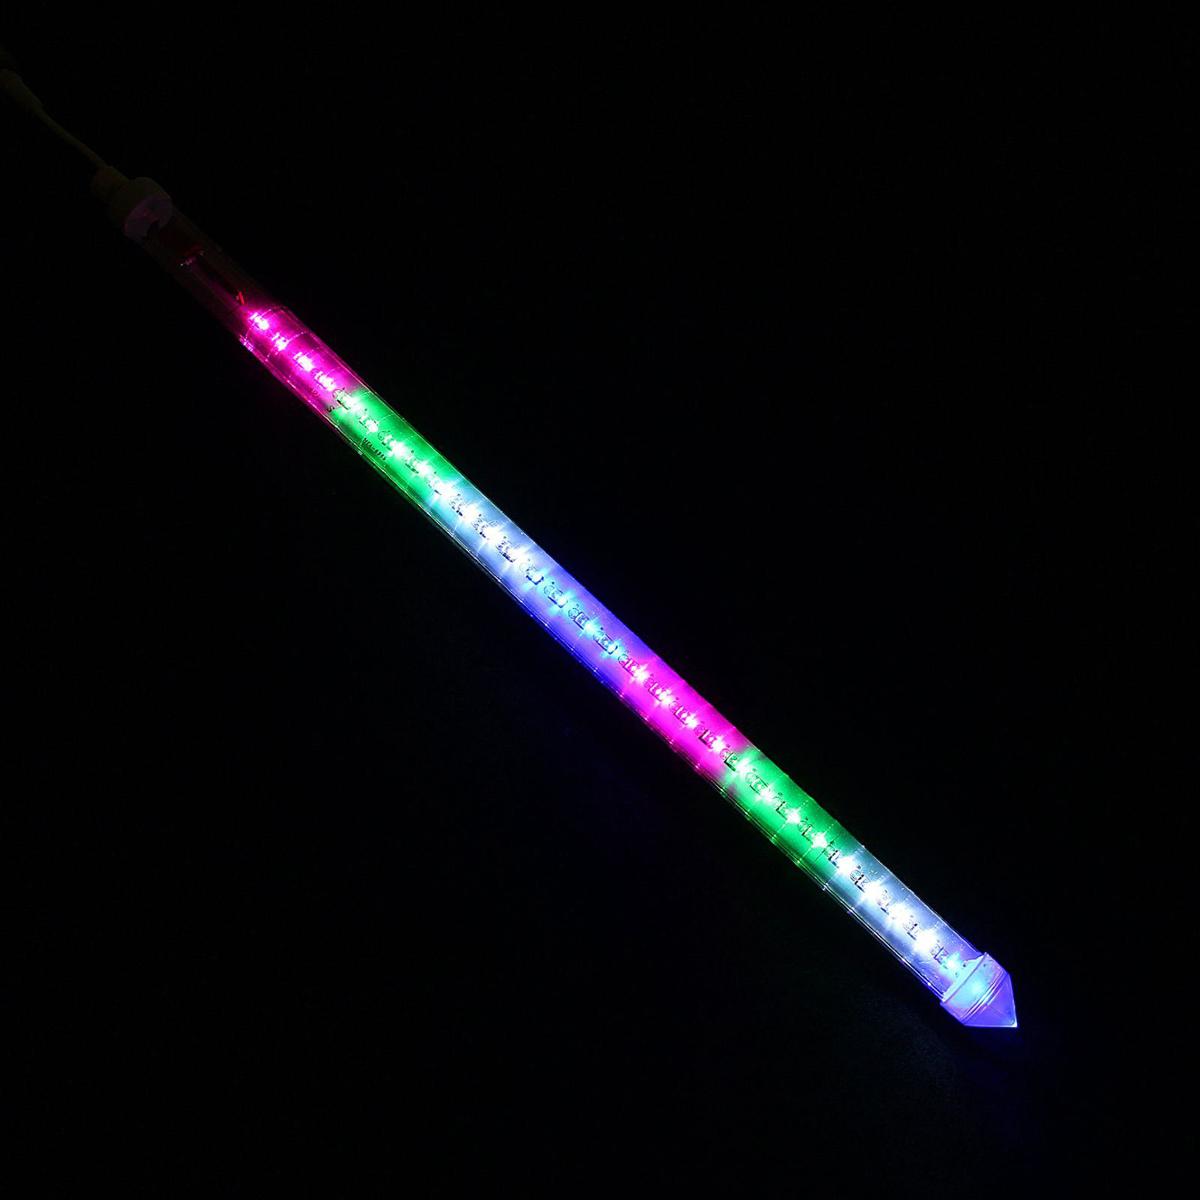 Светодиодная сосулька Luazon Тающая, длина 0,5 м, диаметр 3 см, 2W, LED 30 ламп, 220V, цвет: мультиколор1080718Светодиодные гирлянды, ленты и т.д — это отличный вариант для новогоднего оформления интерьера или фасада. С их помощью помещение любого размера можно превратить в праздничный зал, а внешние элементы зданий, украшенные ими, мгновенно станут напоминать очертания сказочного дворца. Такие украшения создают ауру предвкушения чуда. Деревья, фасады, витрины, окна и арки будто специально созданы, чтобы вы украсили их светящимися нитями.